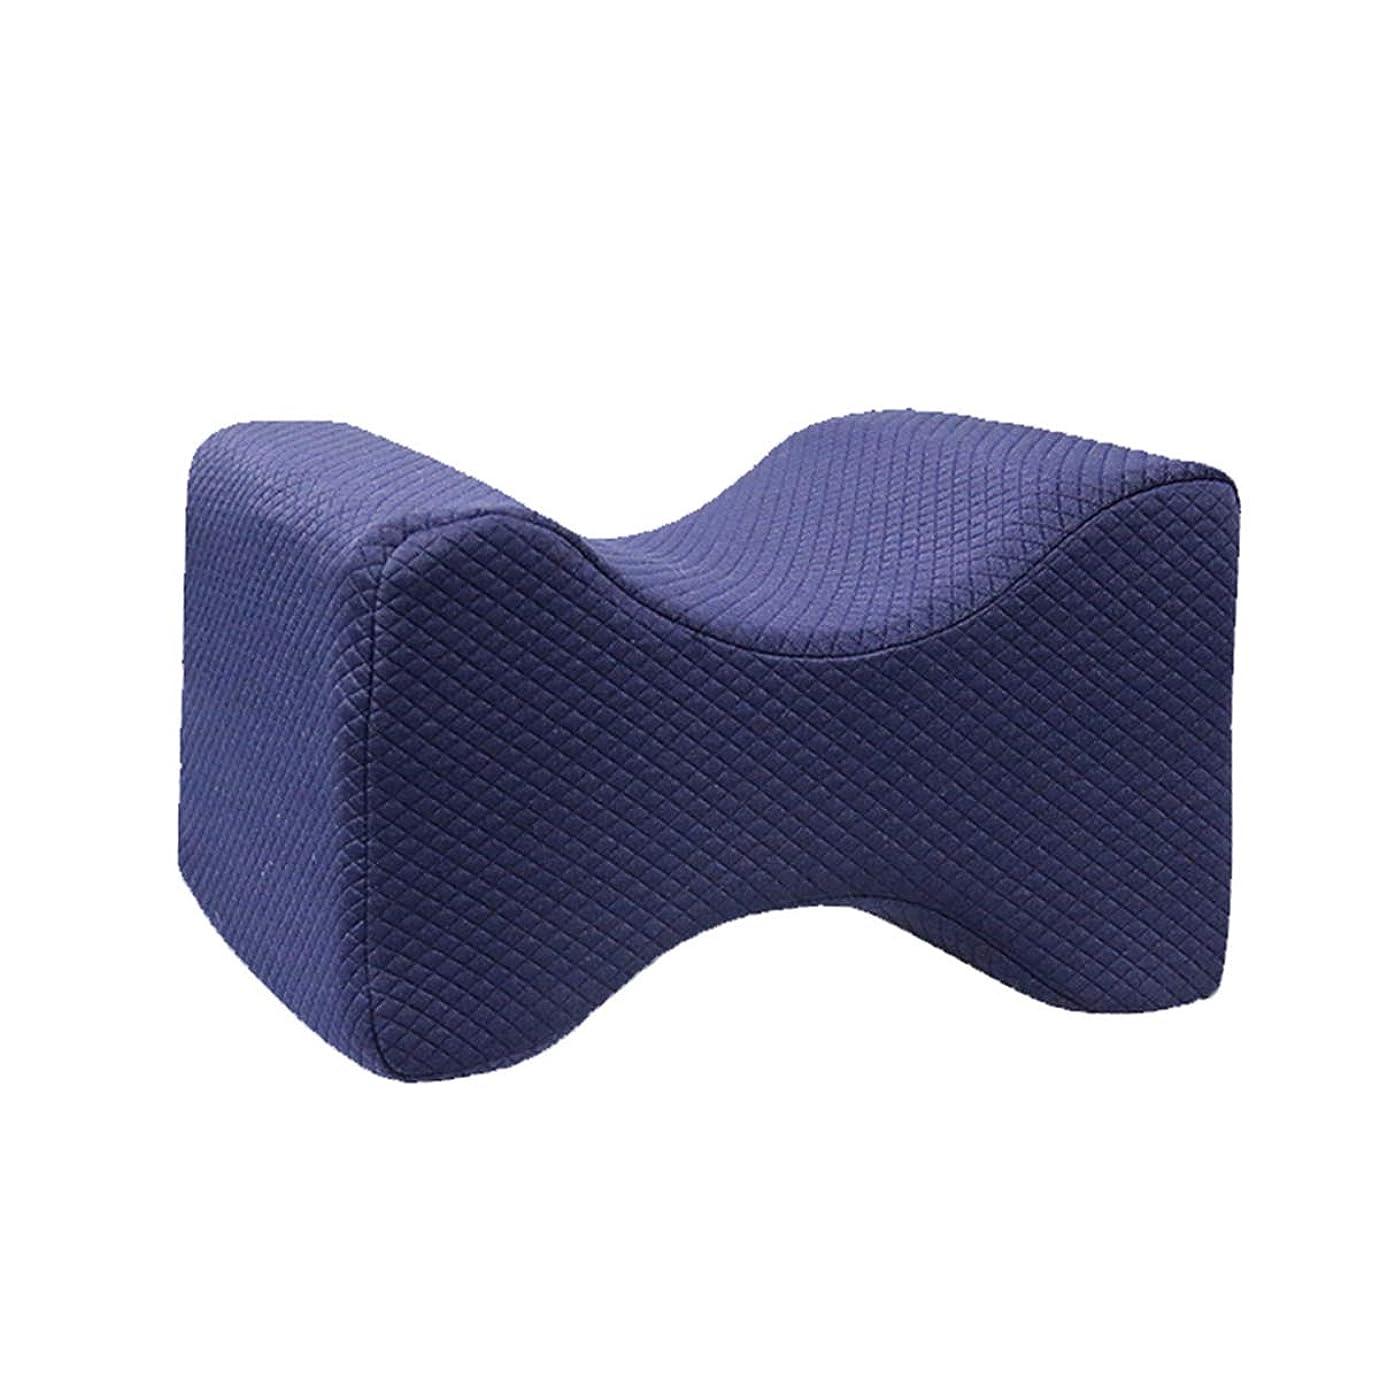 挑む知り合いになる降雨膝関節枕、ハイグレードコンフォートメモリーフォームウェッジコンター、ヒップ、バック、脚、膝の痛み、サイドスリーパーに最適,plaidnavy,26*21*16cm